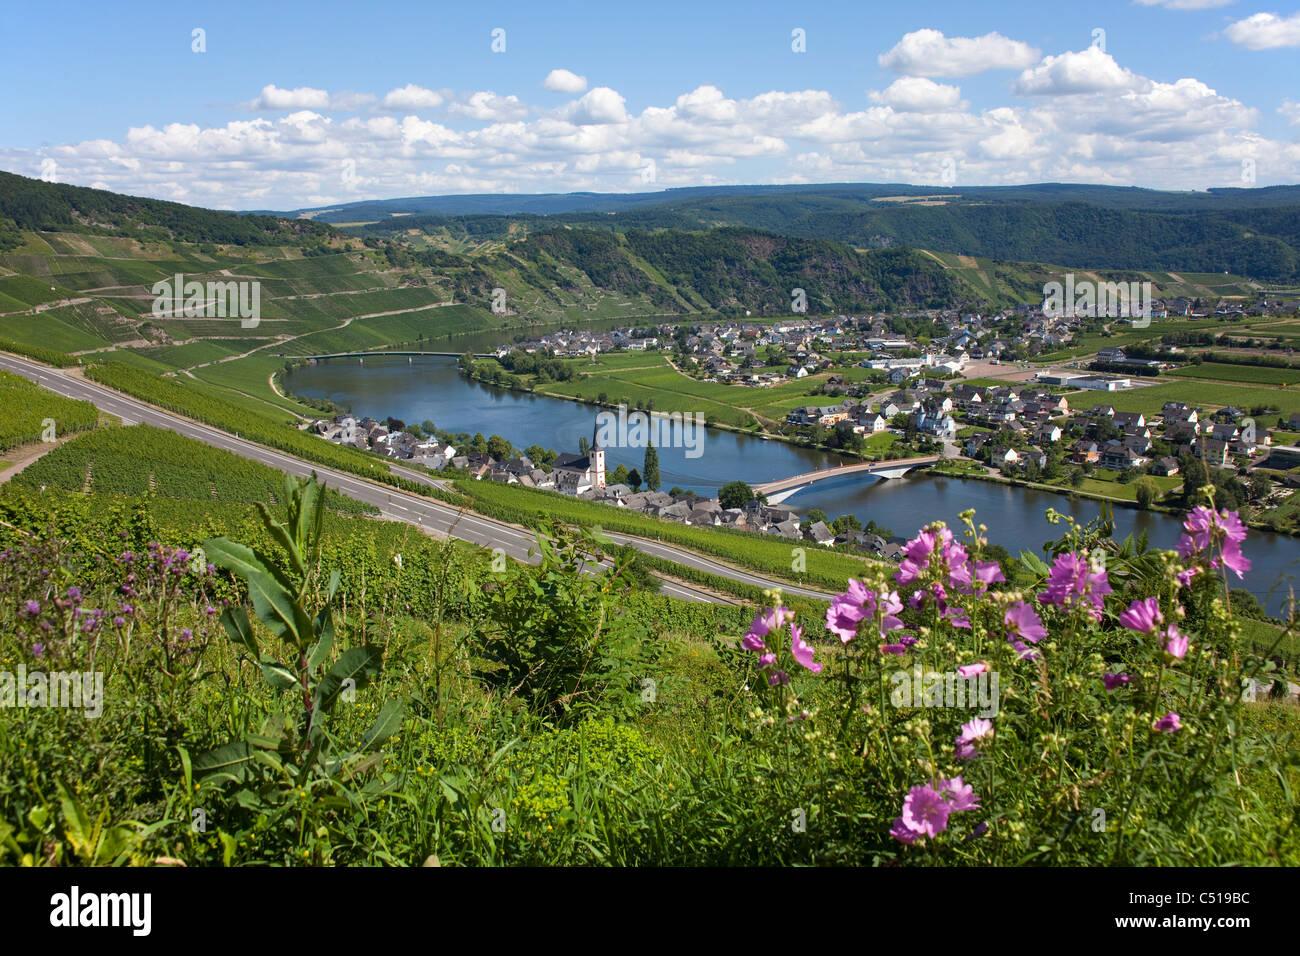 Der Weinort piesport an der Mosel, Rheinland - Pfalz, Deutschland Stockbild